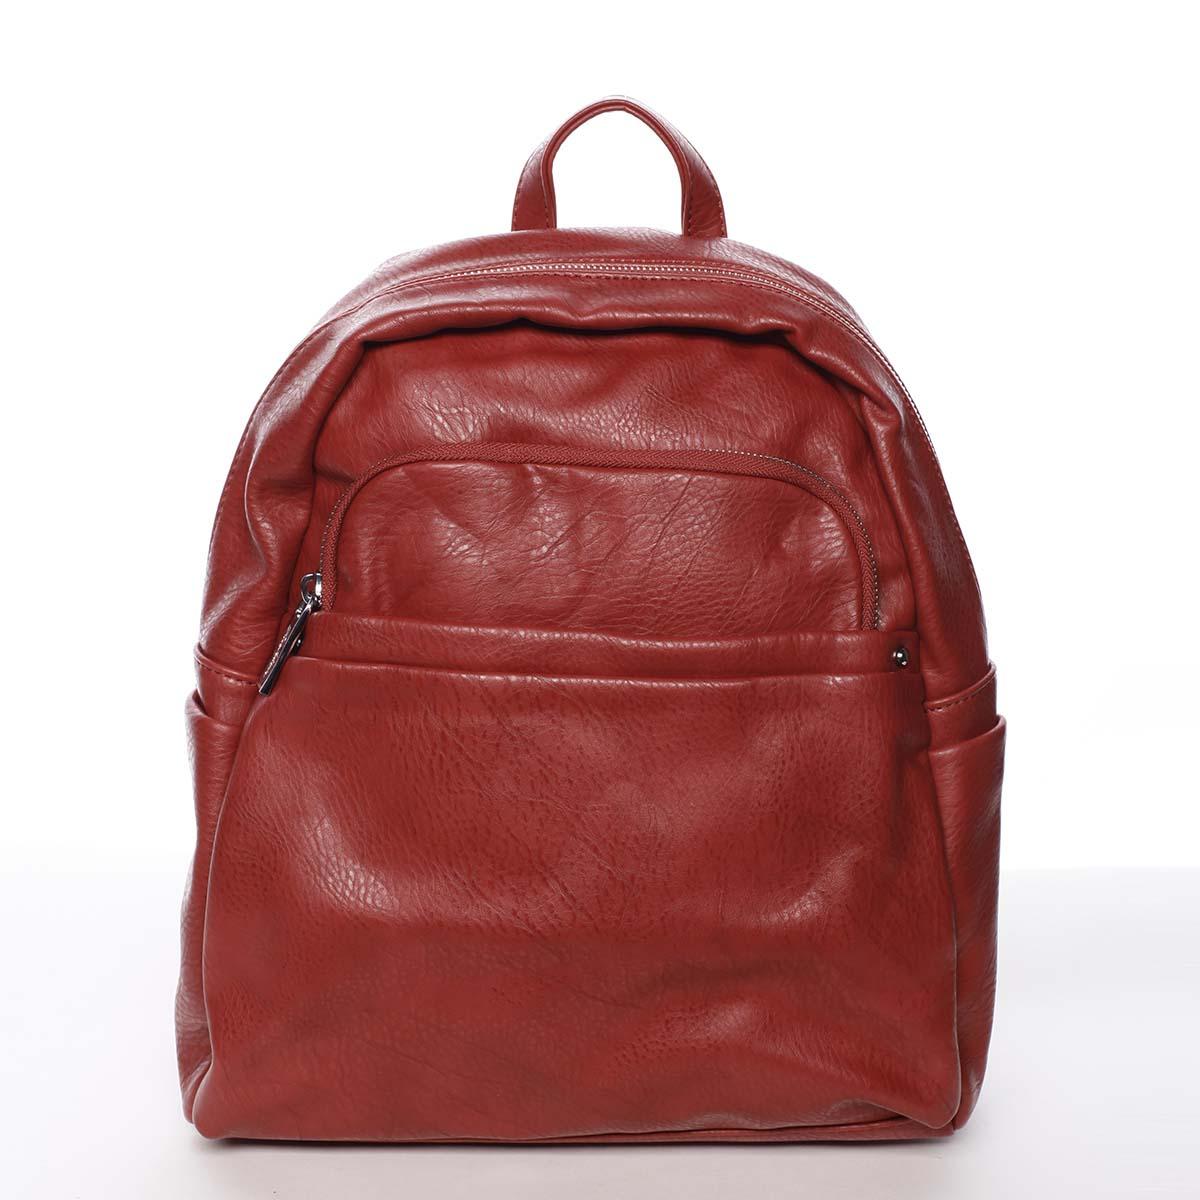 Střední městský dámský červený batoh - Silvia Rosa Jimm